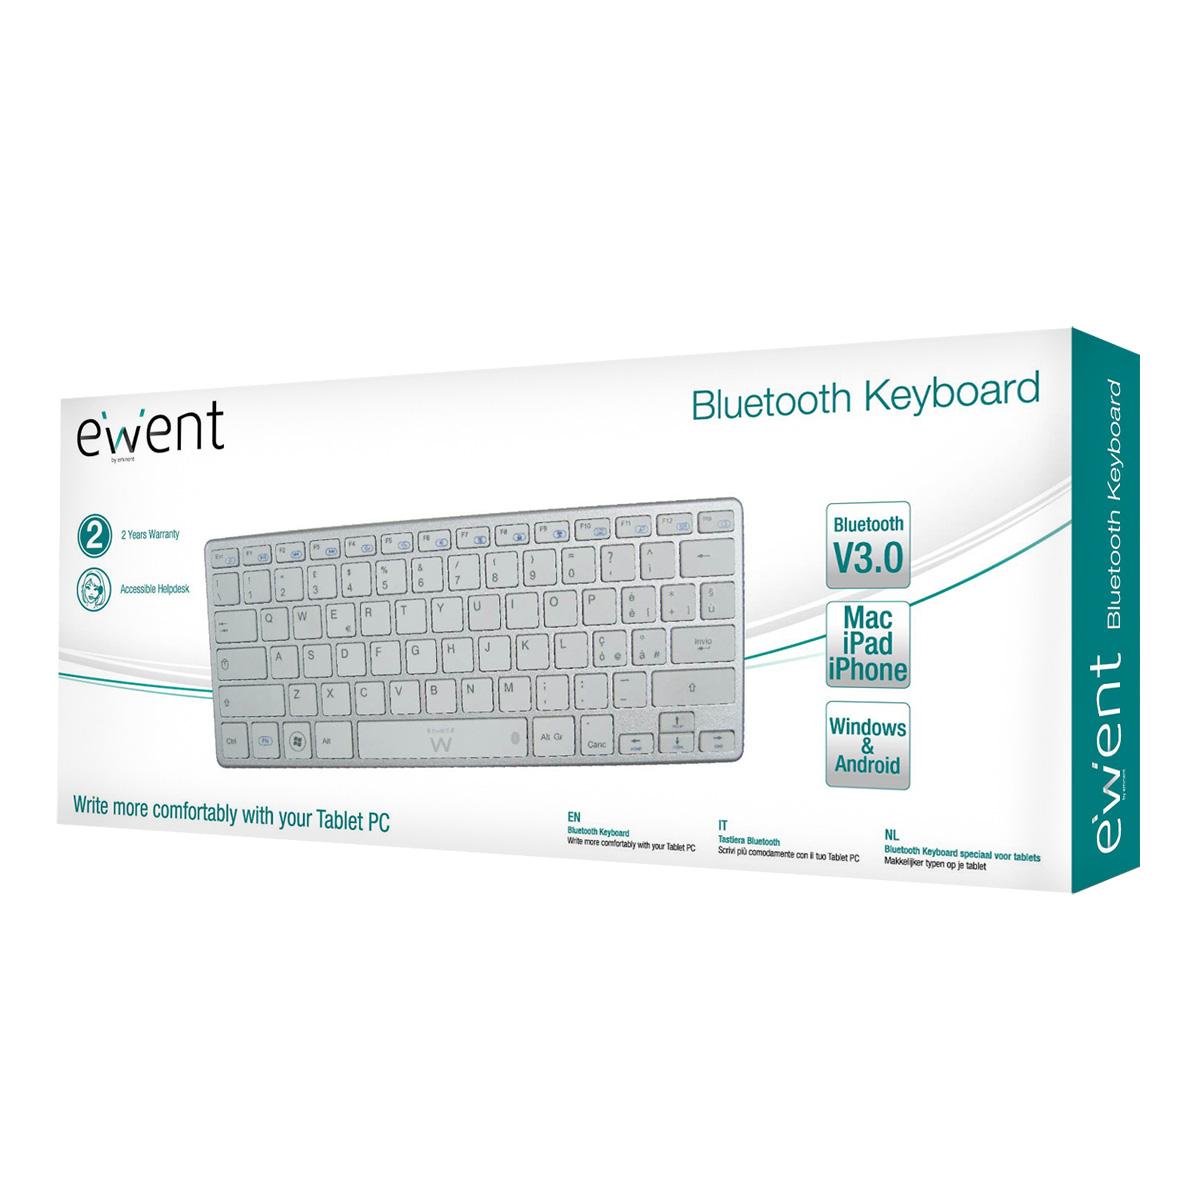 Scheda tecnica del prodotto Ewent EW3143 tastiera per